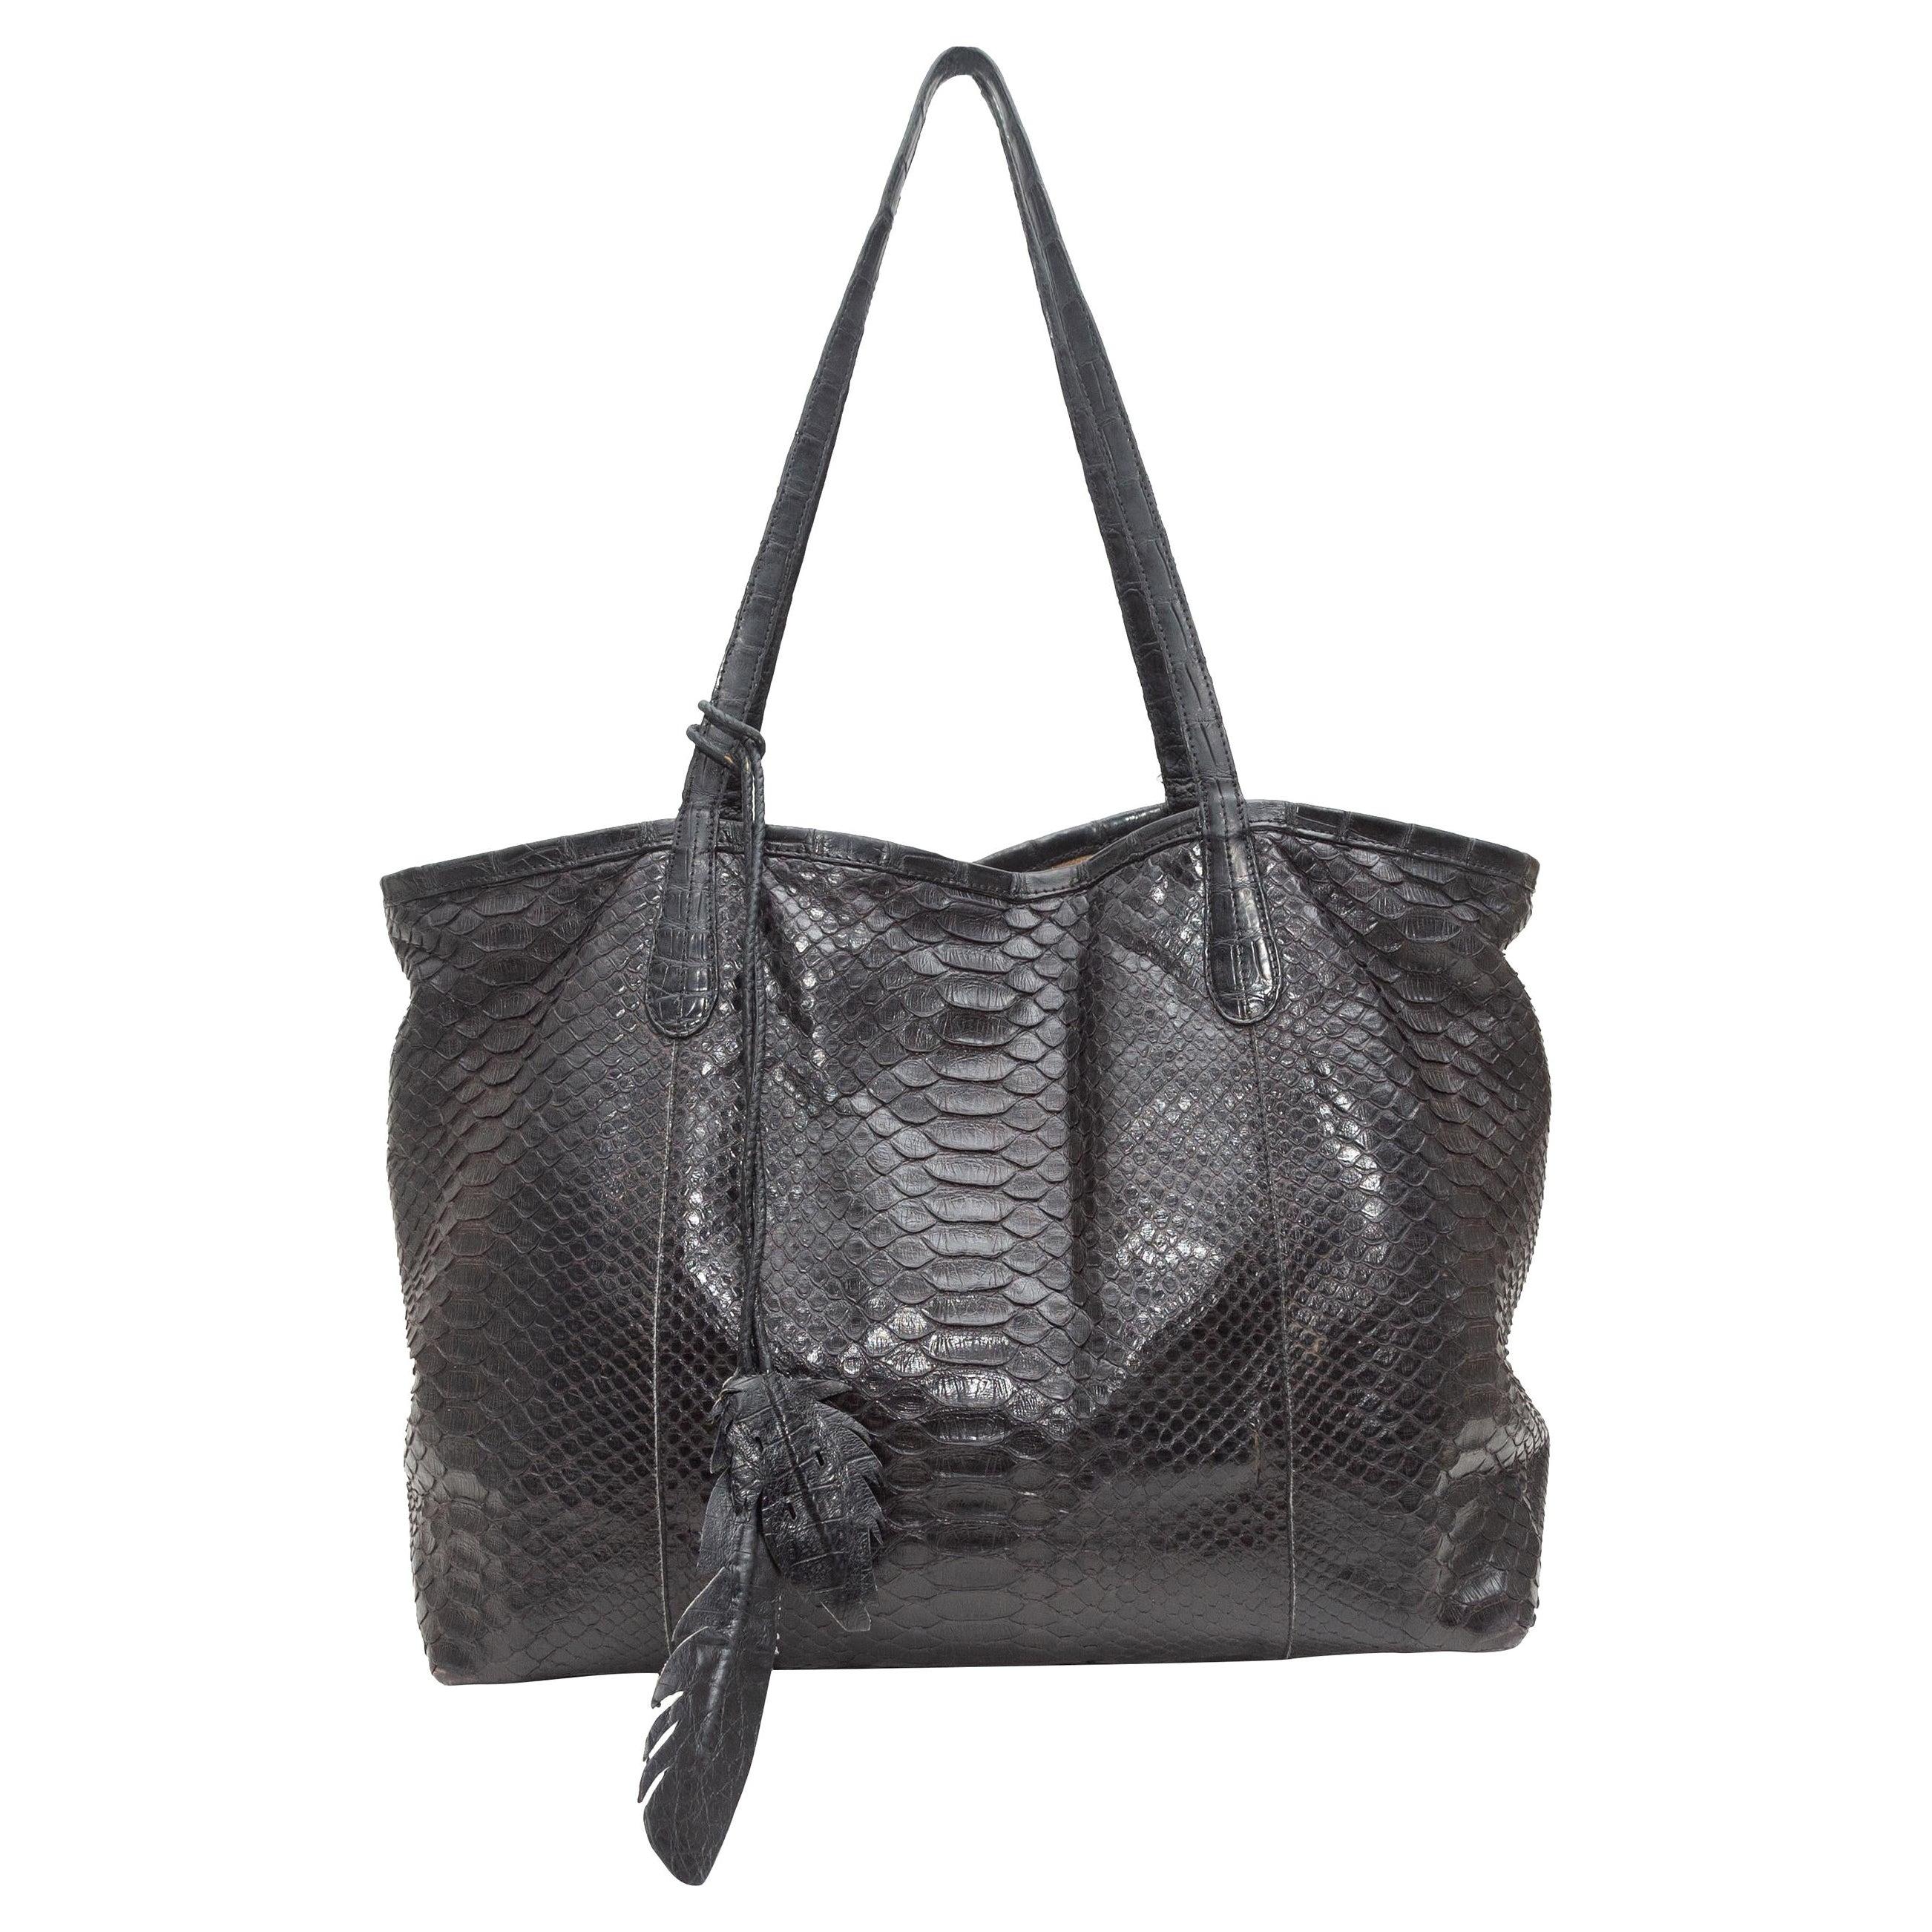 Nancy Gonzalez Black Python Tote Bag